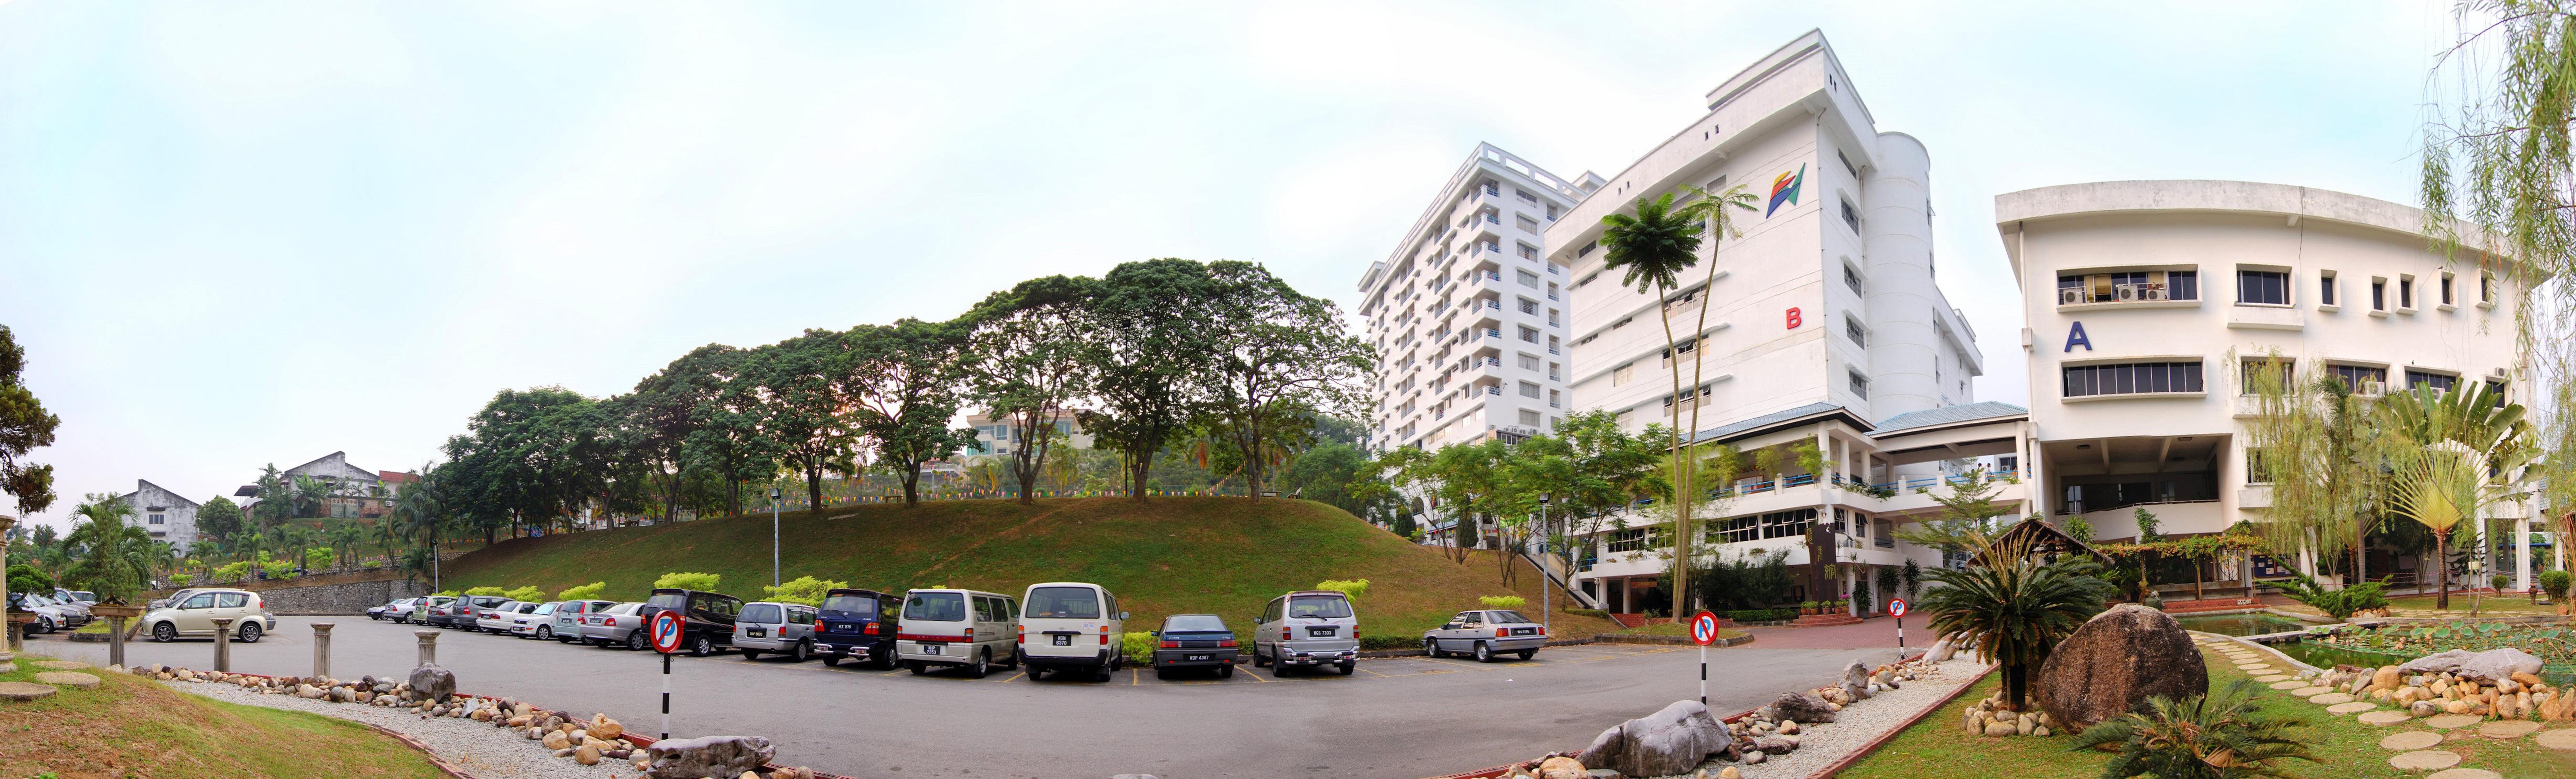 New Era College (SME Centre) -   TrainingMalaysia.com 84ed6c11e2ba